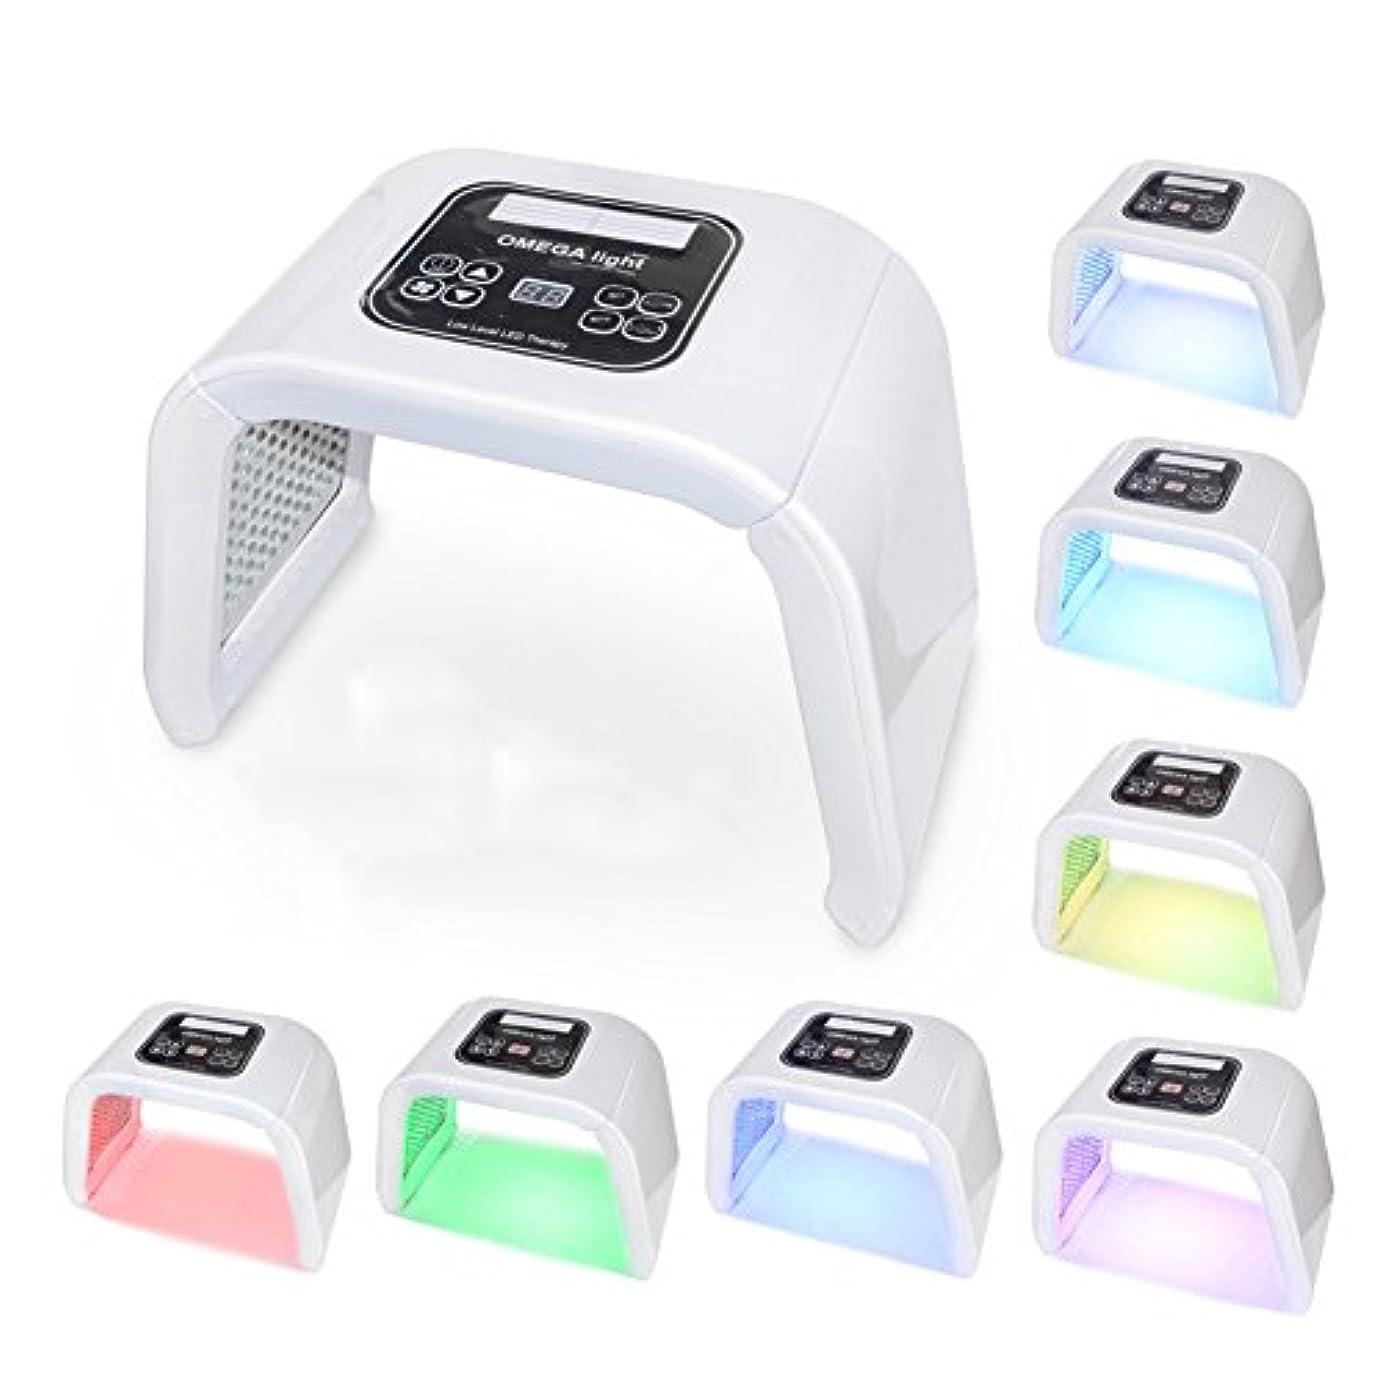 十分に消化トライアスリート光子治療器7色ライトニキビ美容器具,White